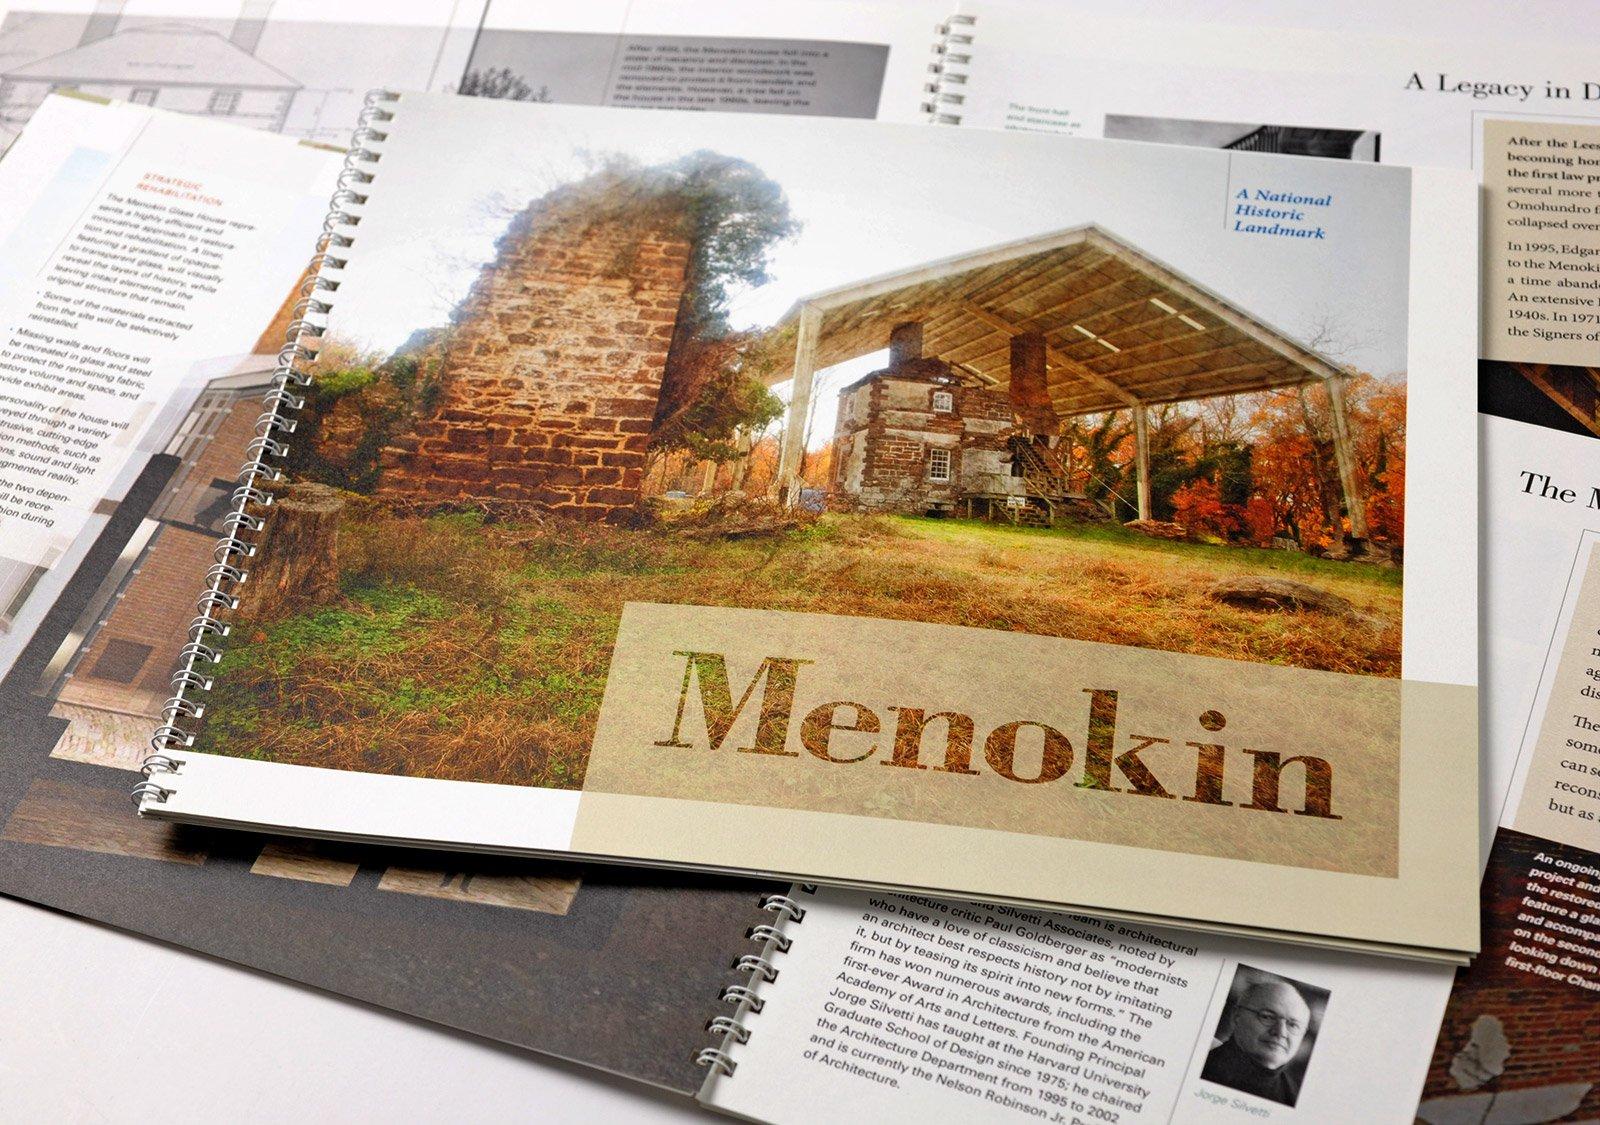 Menokin Campaign Statement